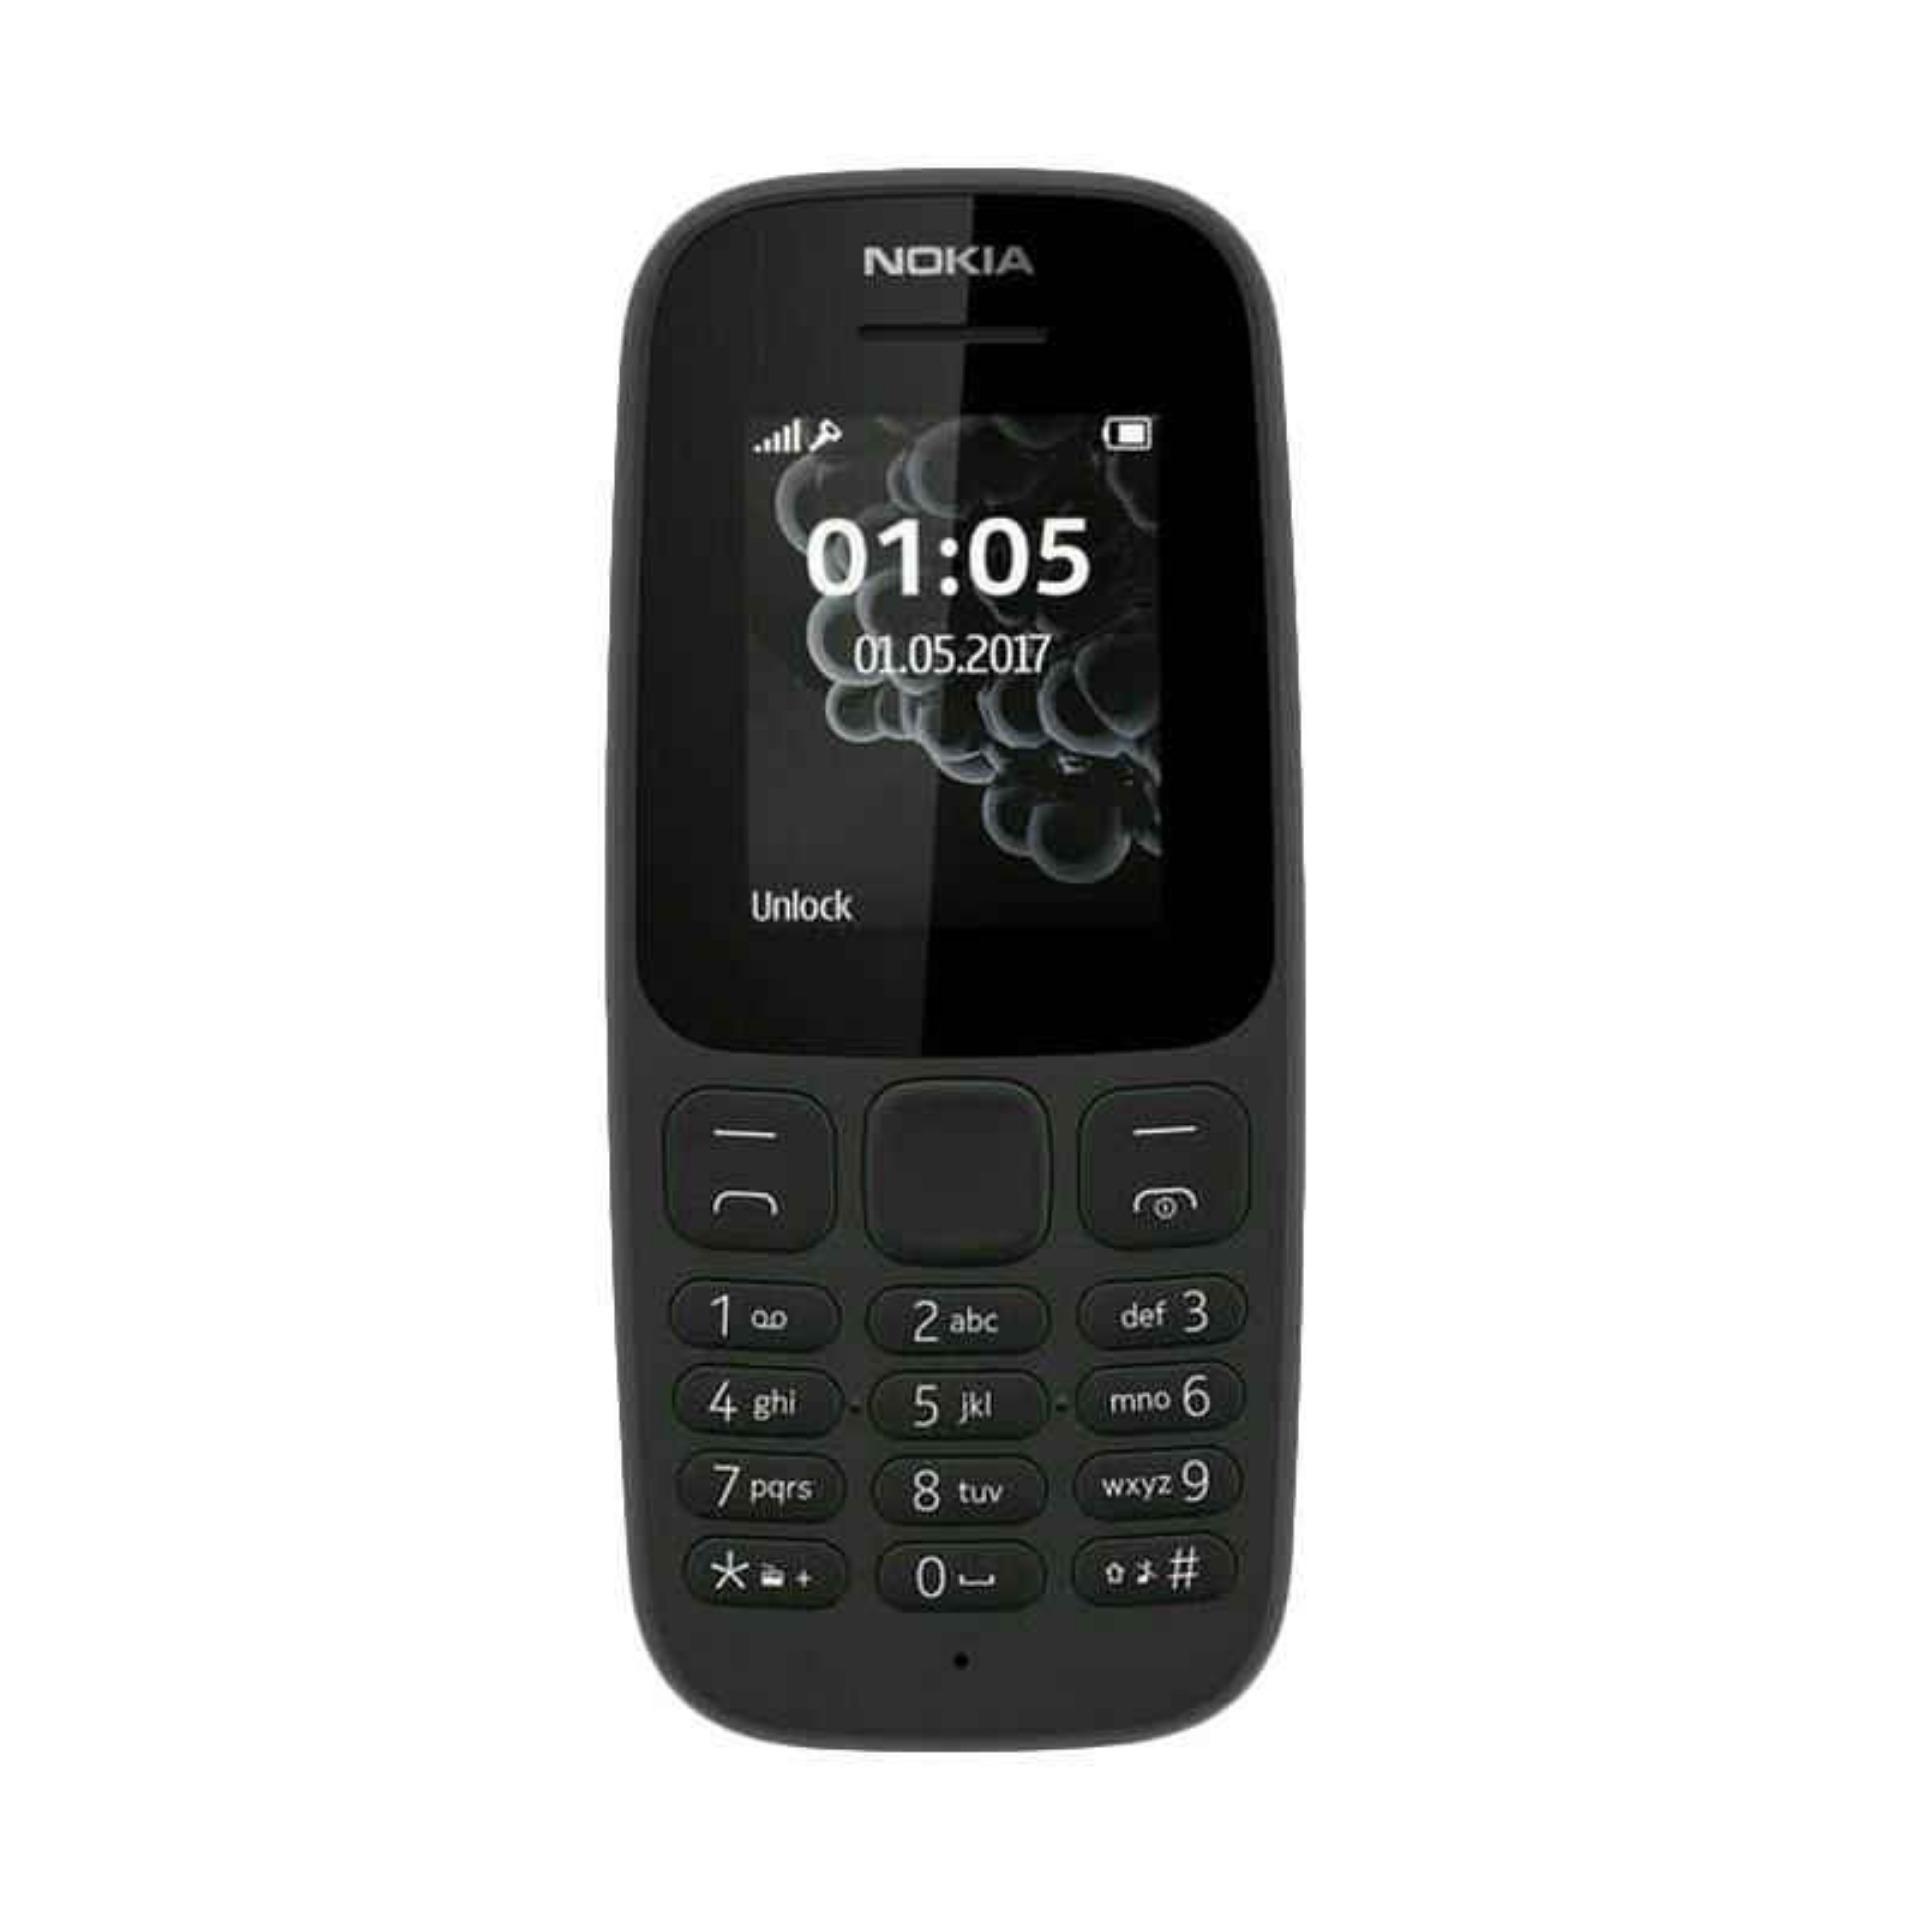 Harga Nokia 105 Dual Sim 2017 Handphone Garansi Resmi Fullset Murah